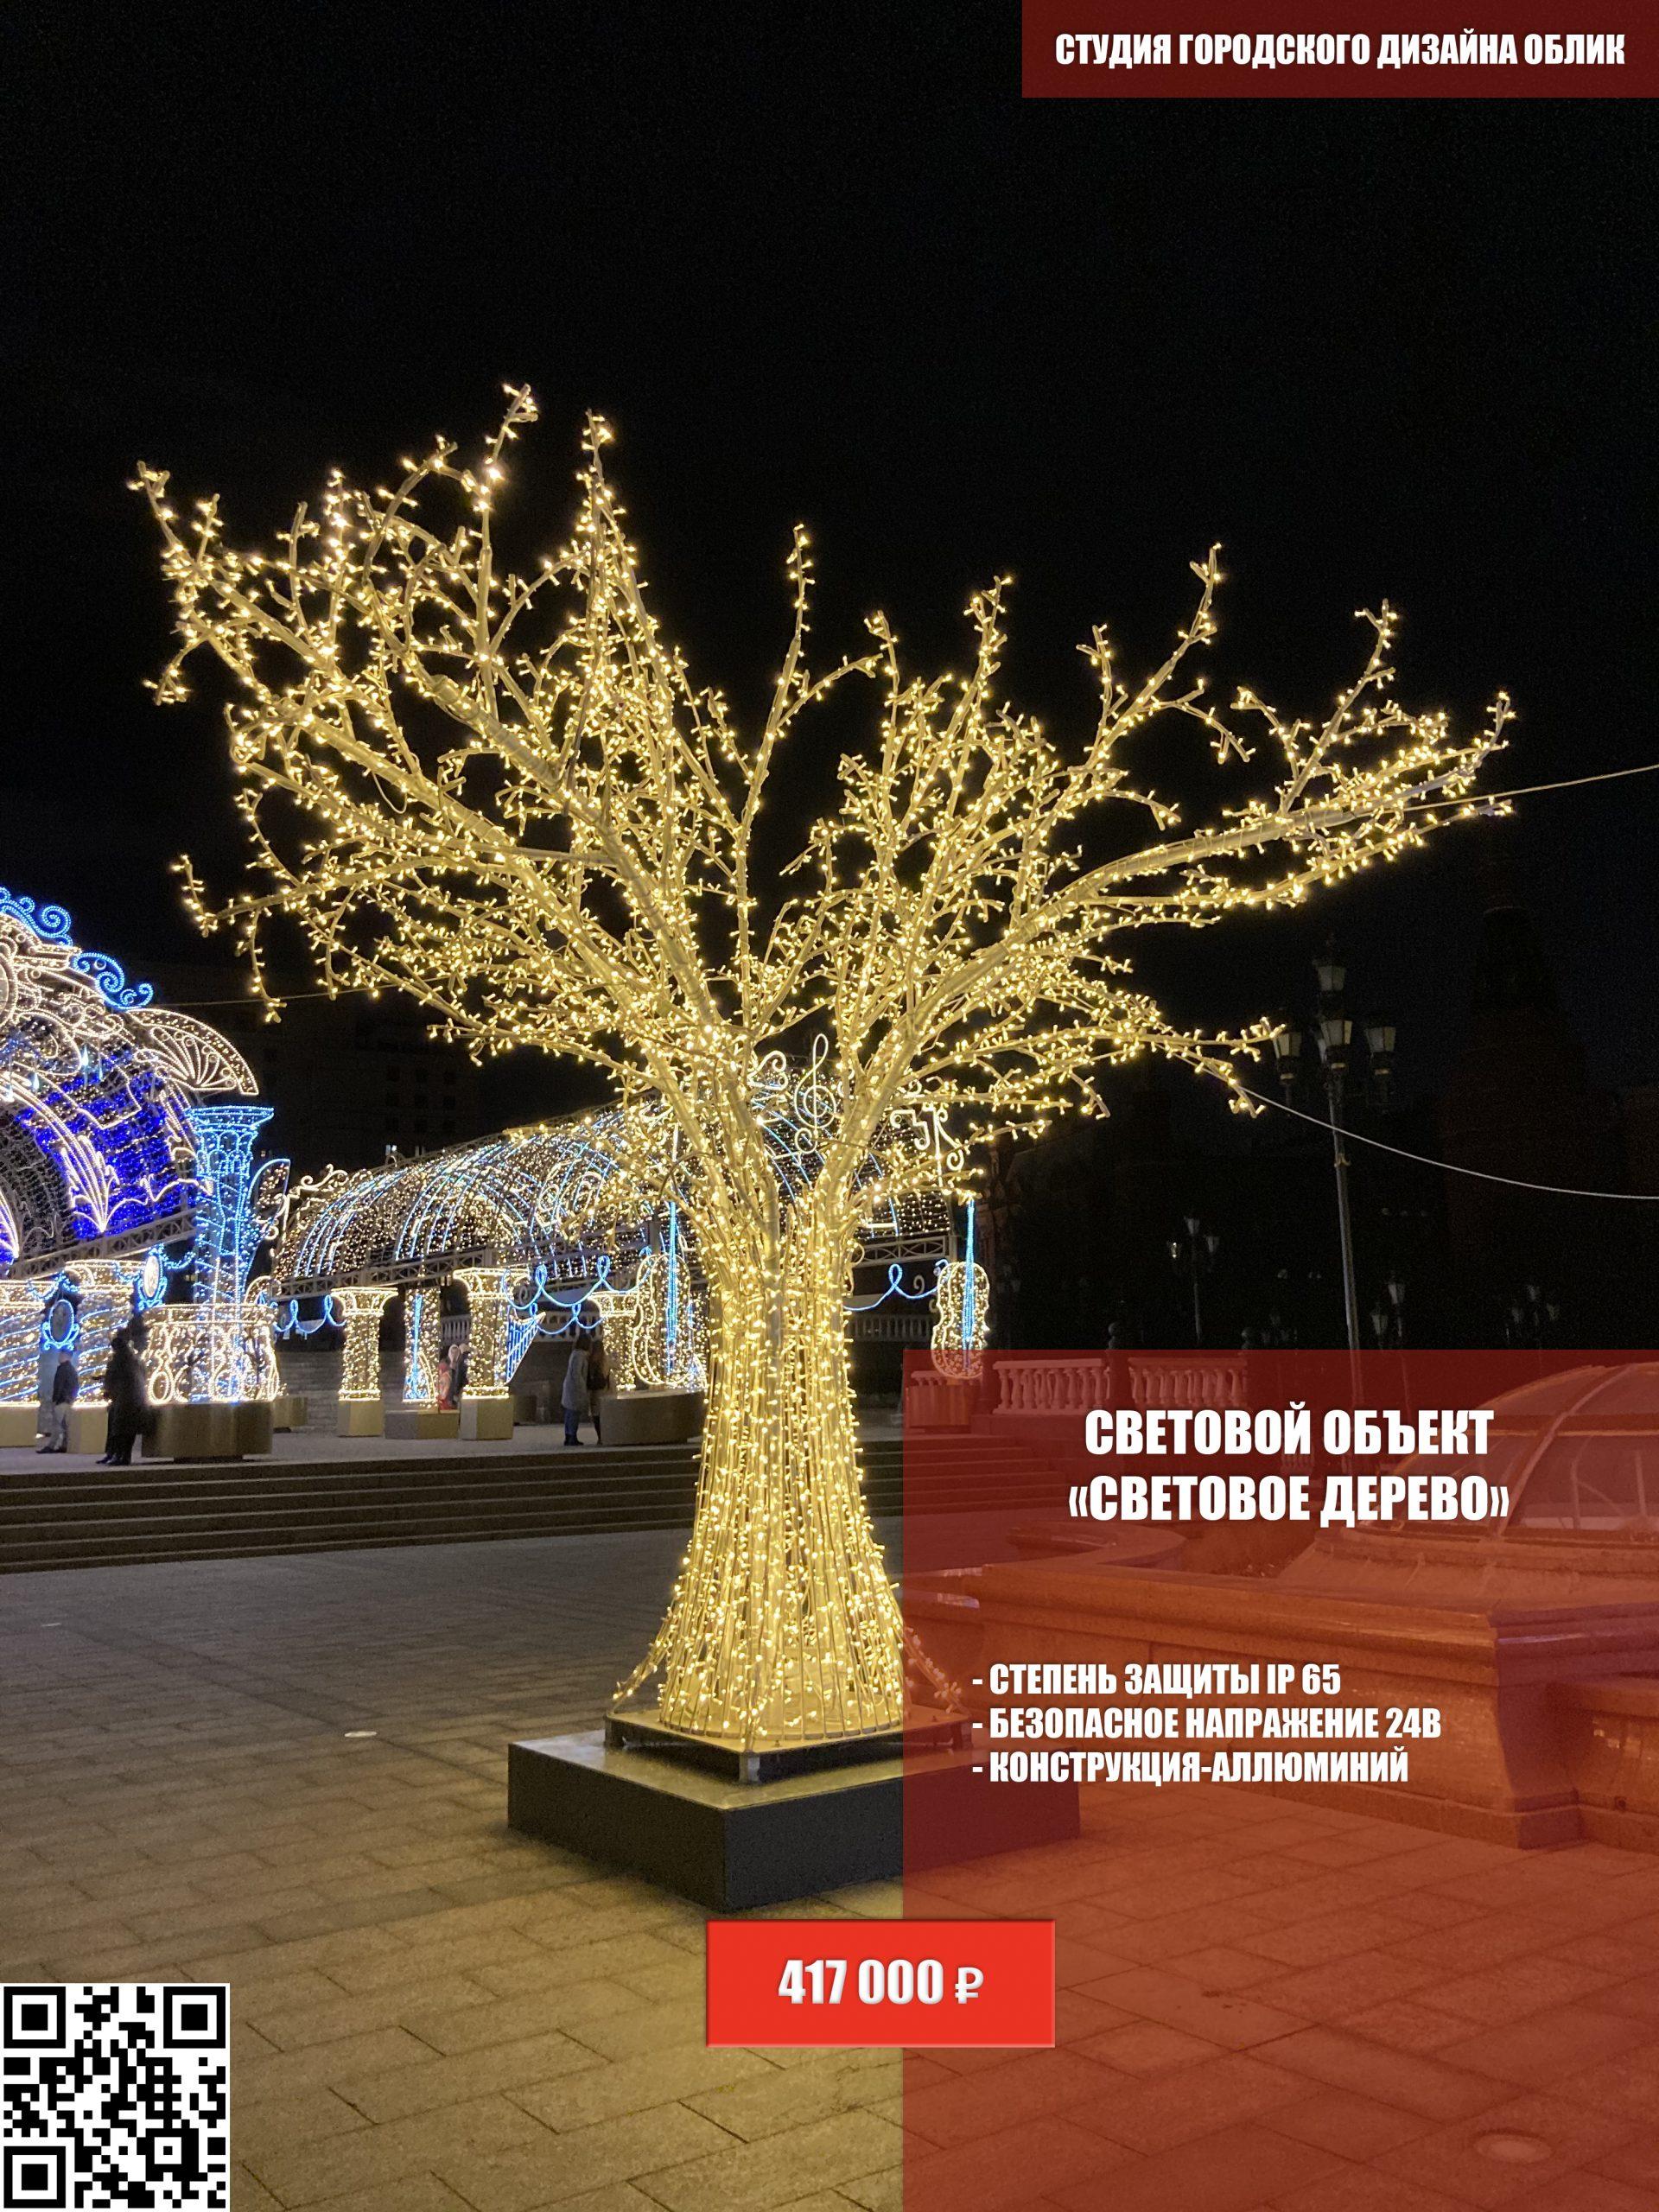 Новогодняя инсоляция СВЕТОВОЕ ДЕРЕВО